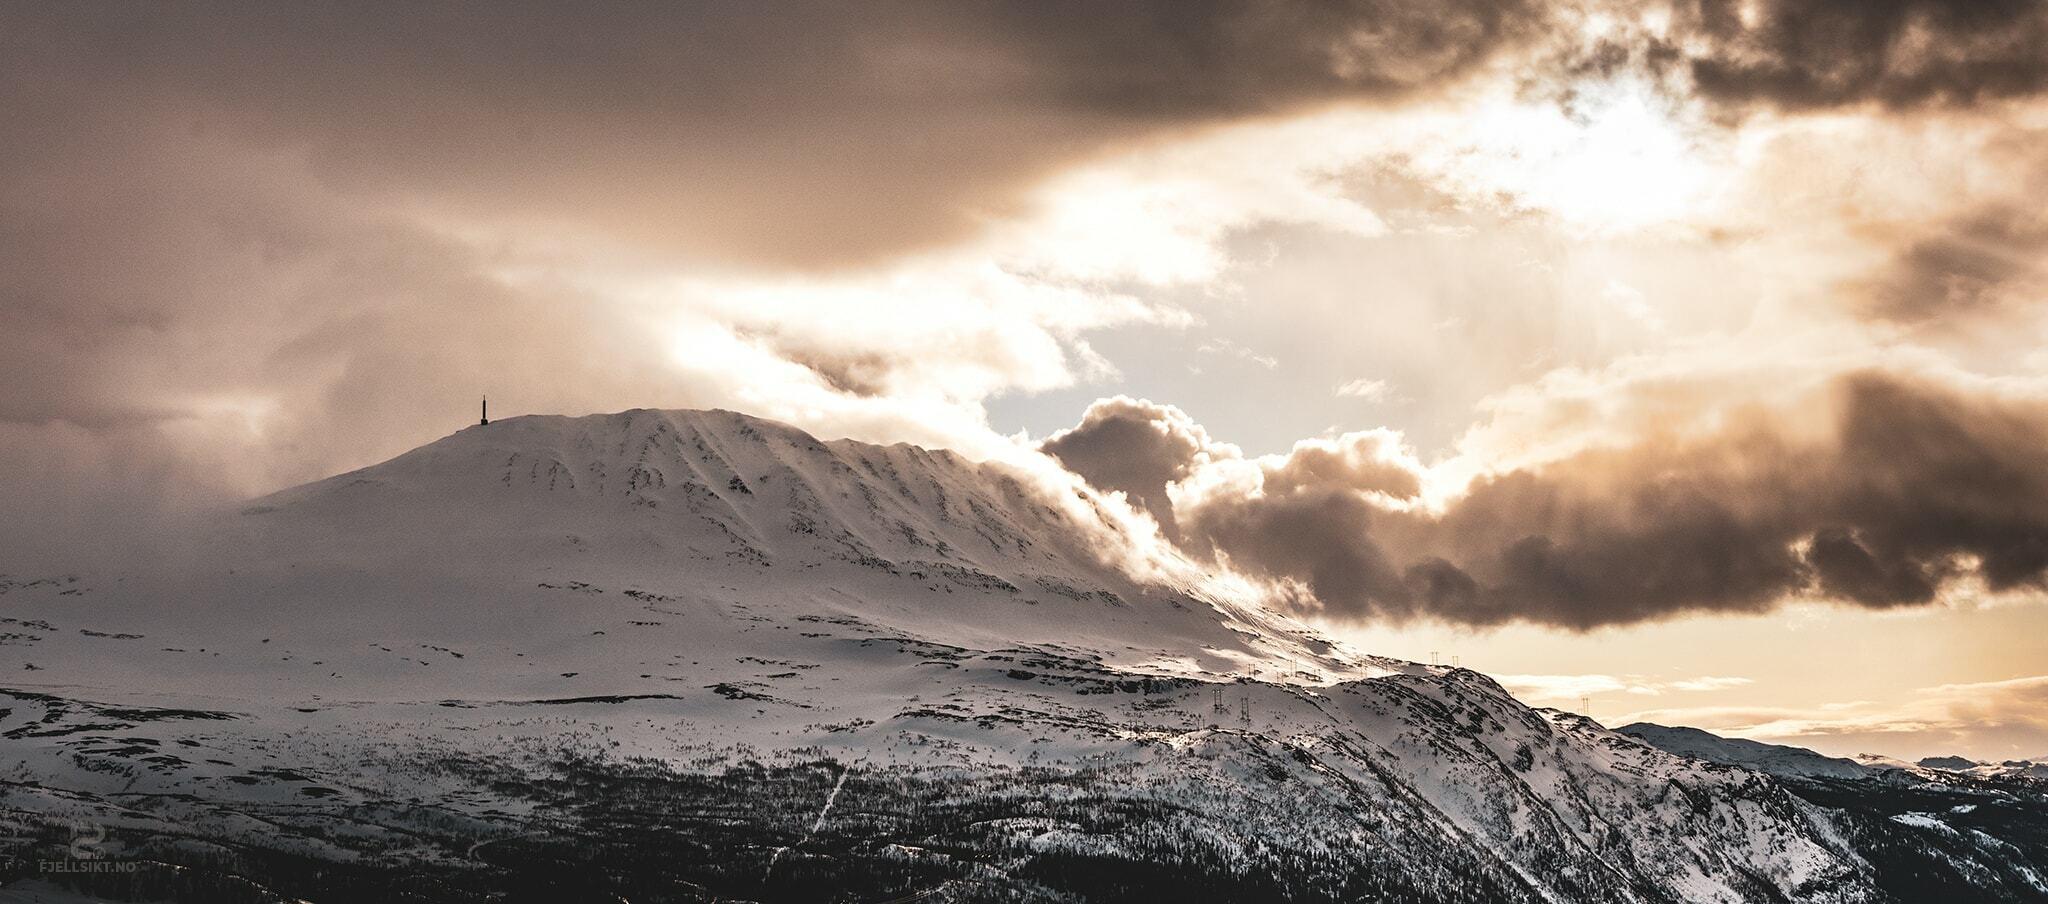 Fjellsikt.no gaustablikk Fjellvett Fjellvettregler Fjellvettreglene Canon 5D Mark V Sigma Landskap Natur Telemark fjellsikt rondane